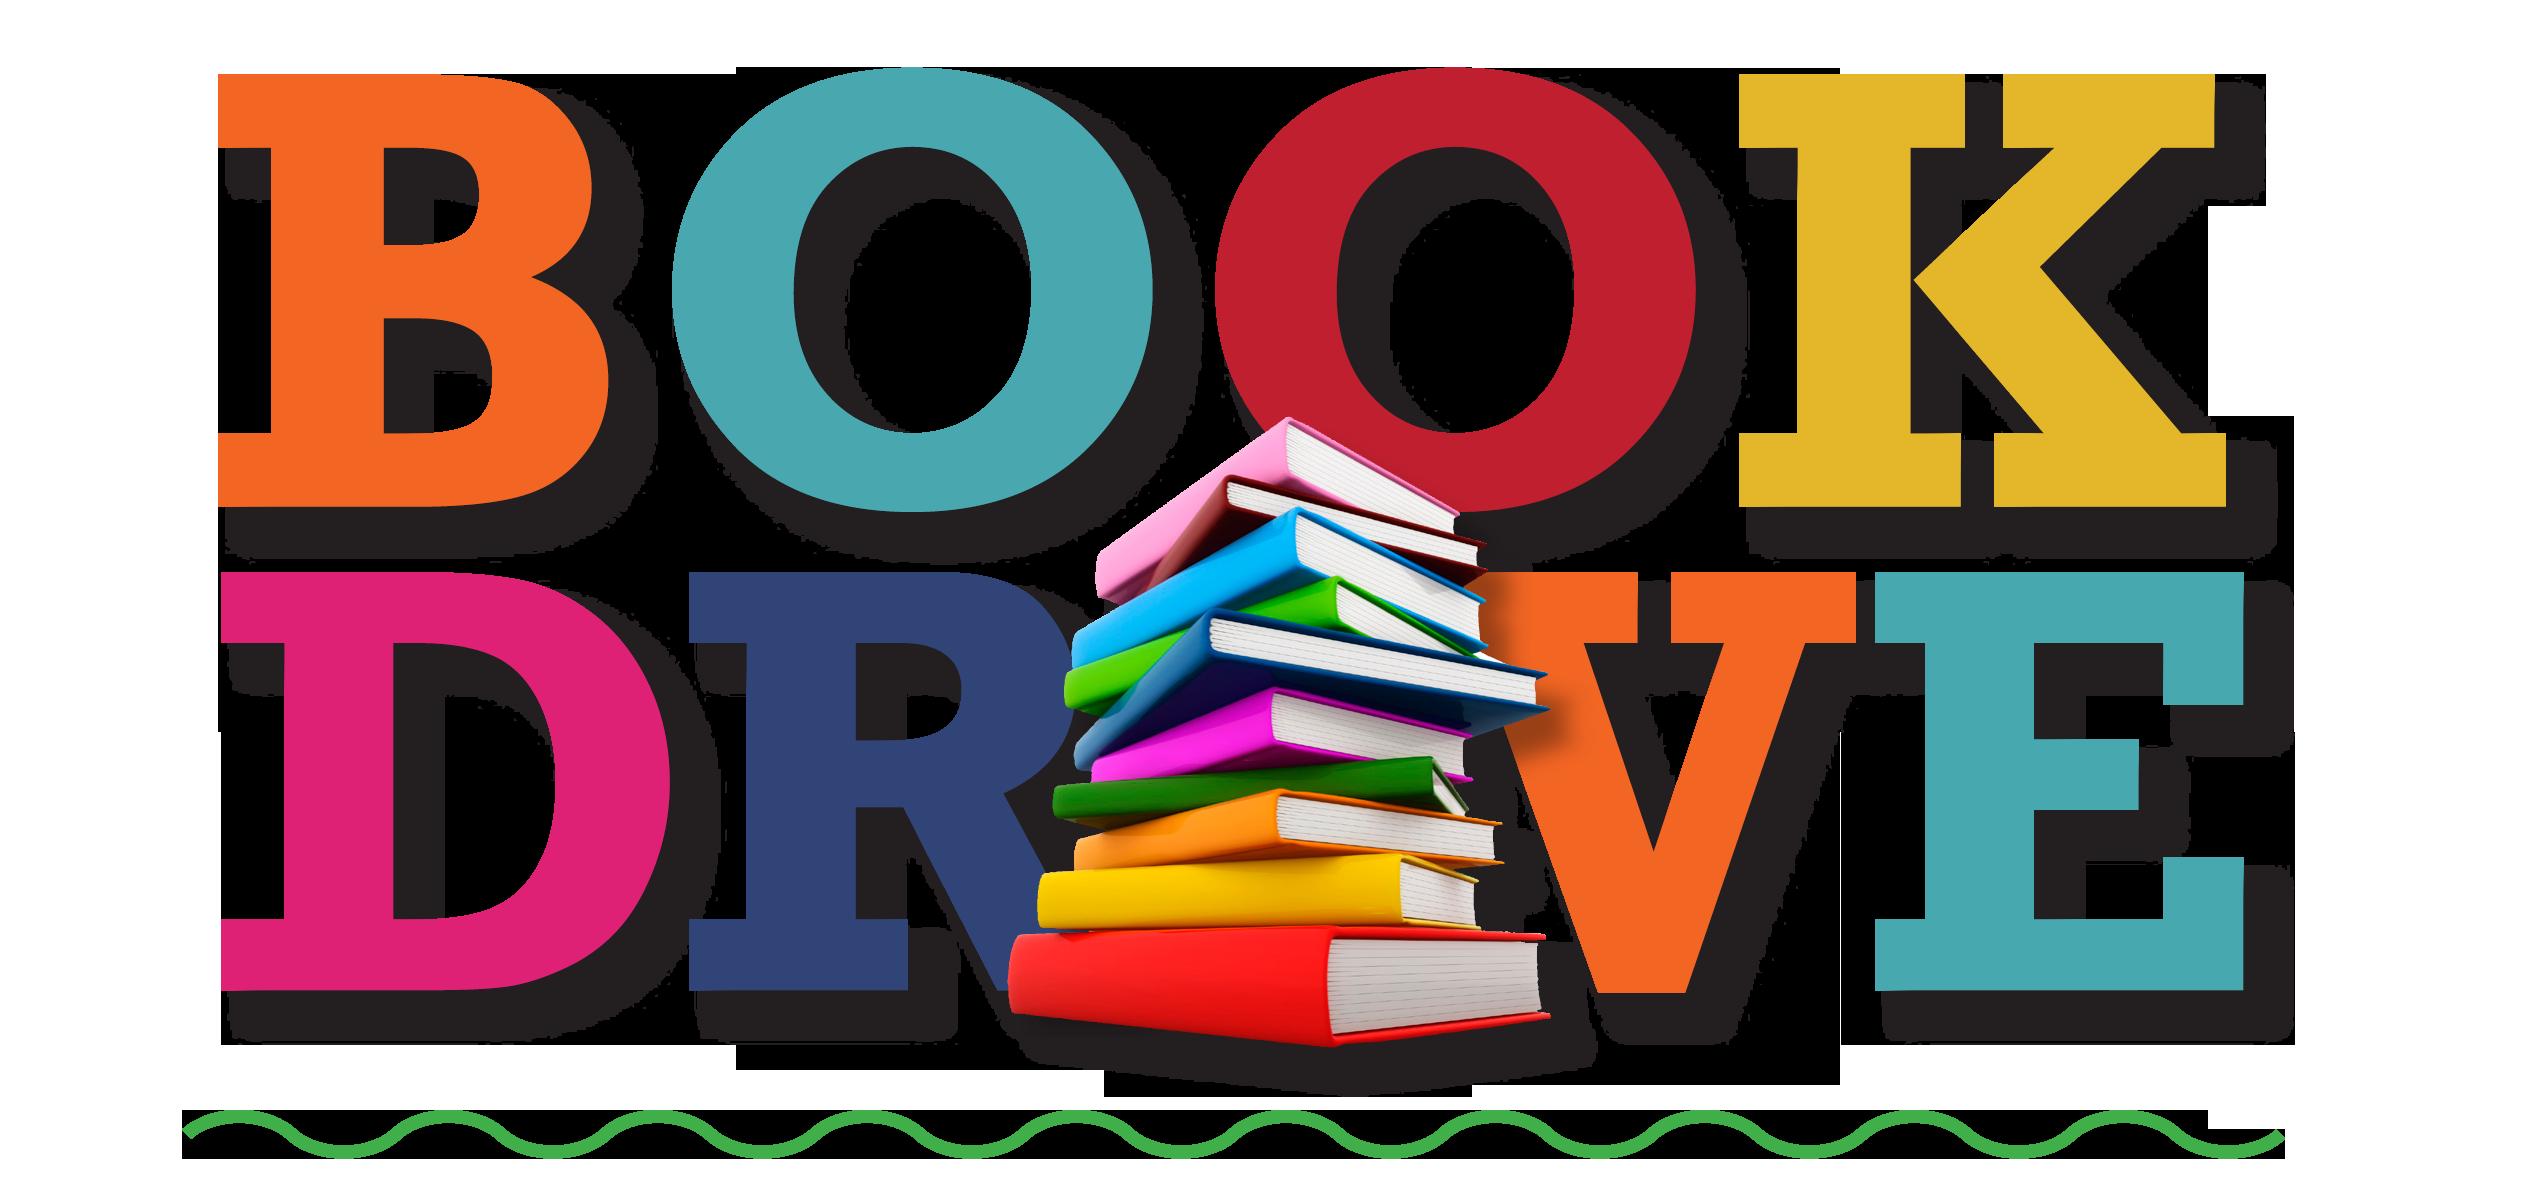 Book Drive Clipart · 965428_10151508781247535_376638057_o - Book Drop PNG